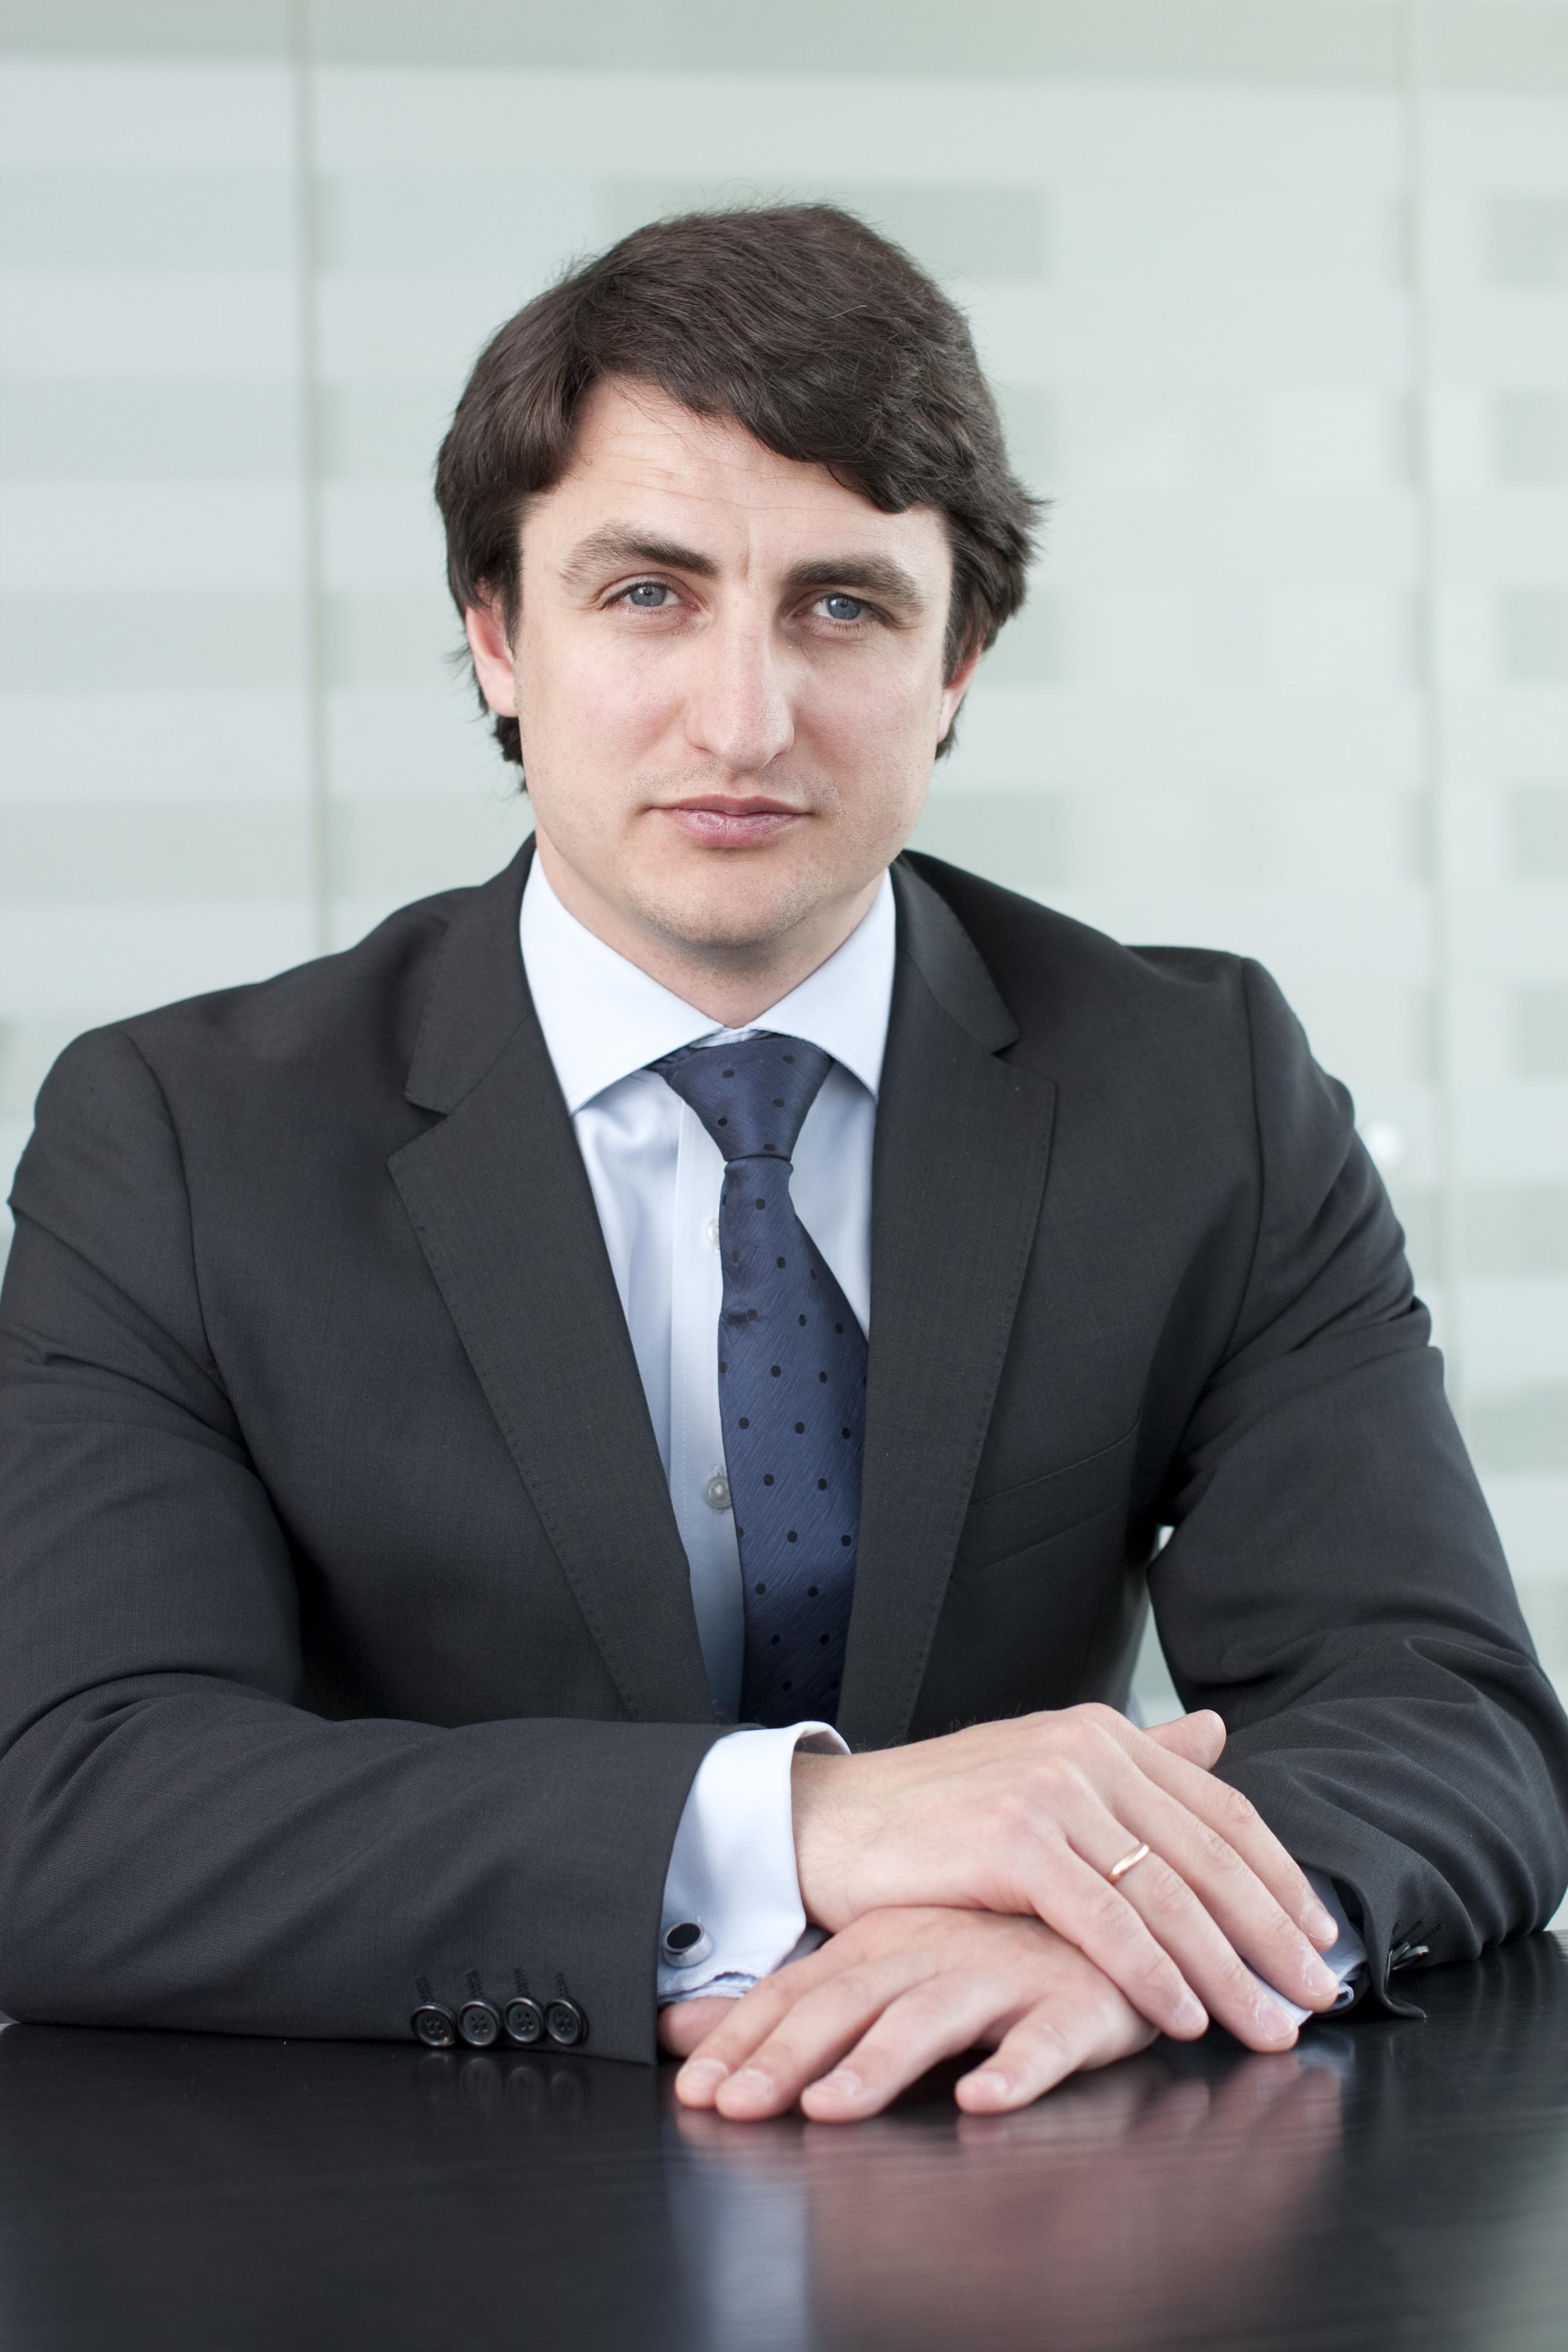 Alius Jakubelis